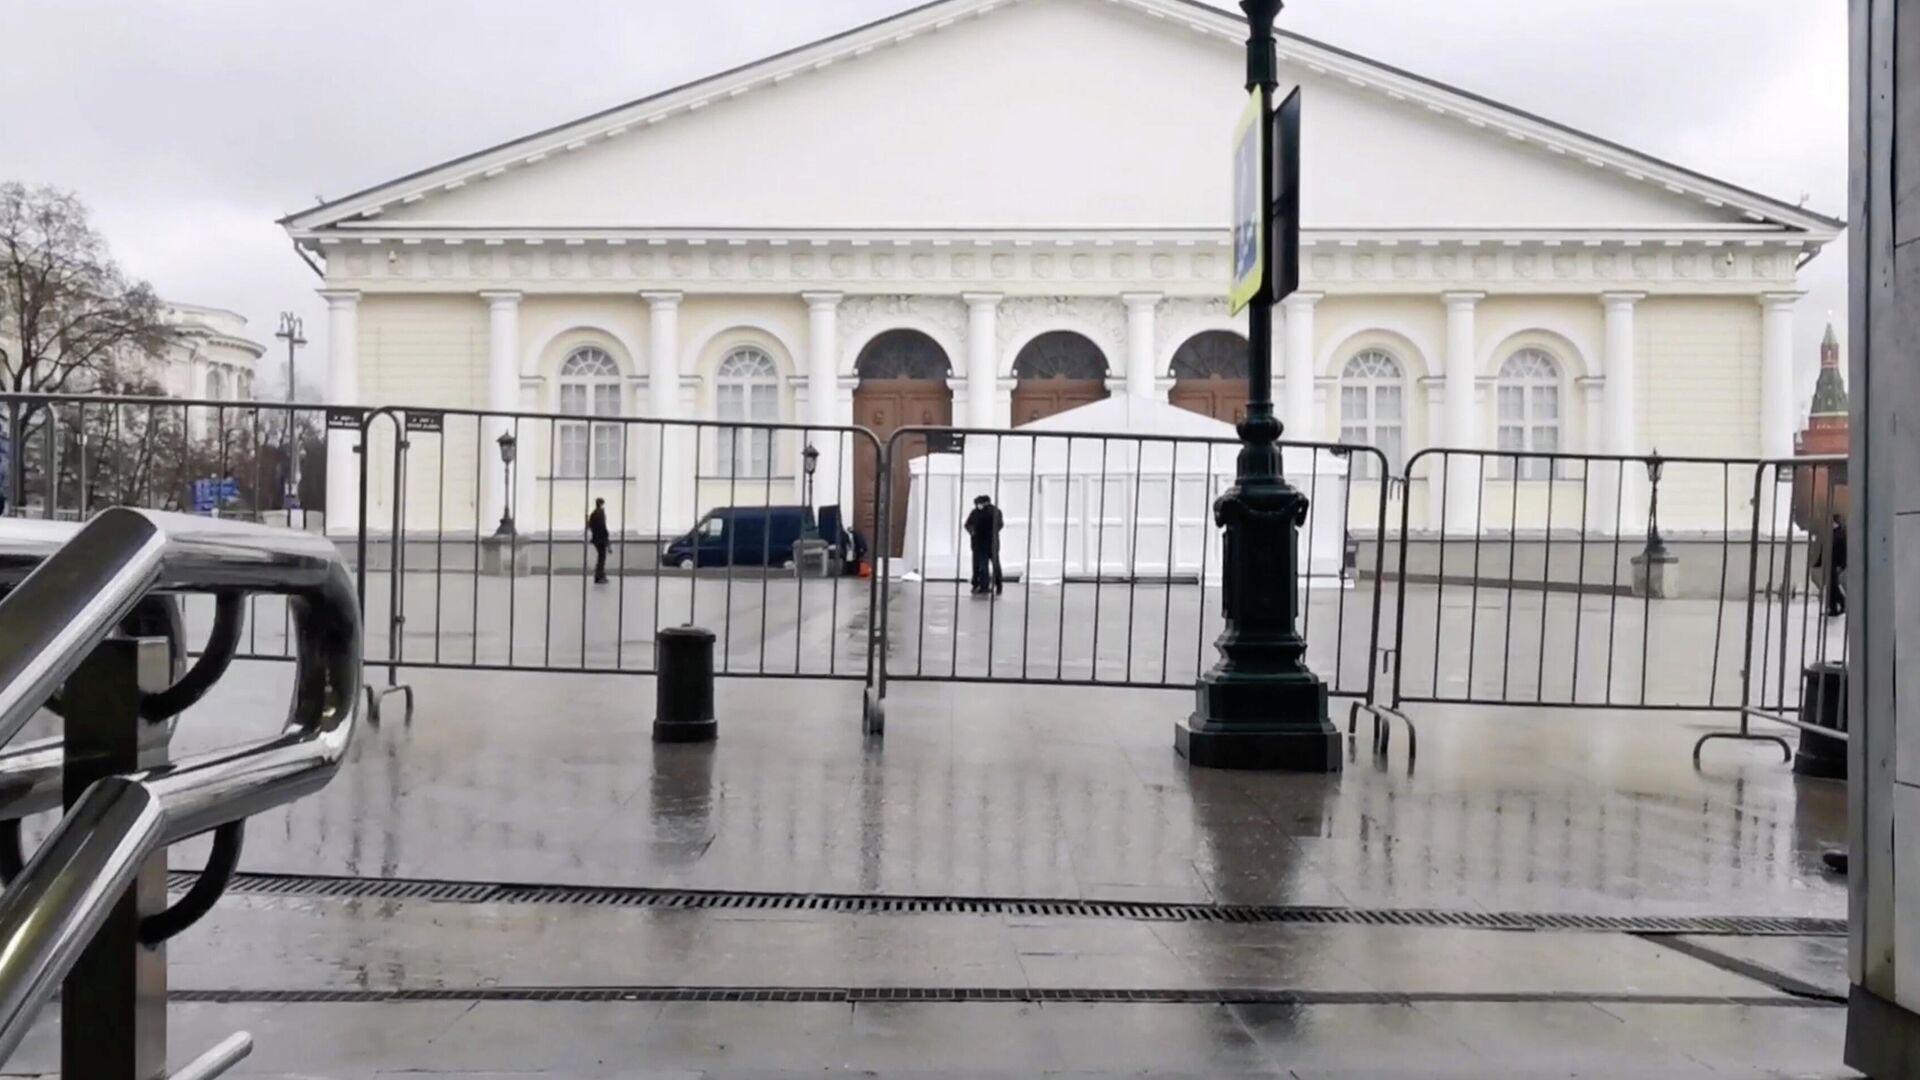 Проход к Манежу в центре Москвы, где пройдет послание Путина, ограничен - РИА Новости, 1920, 21.04.2021